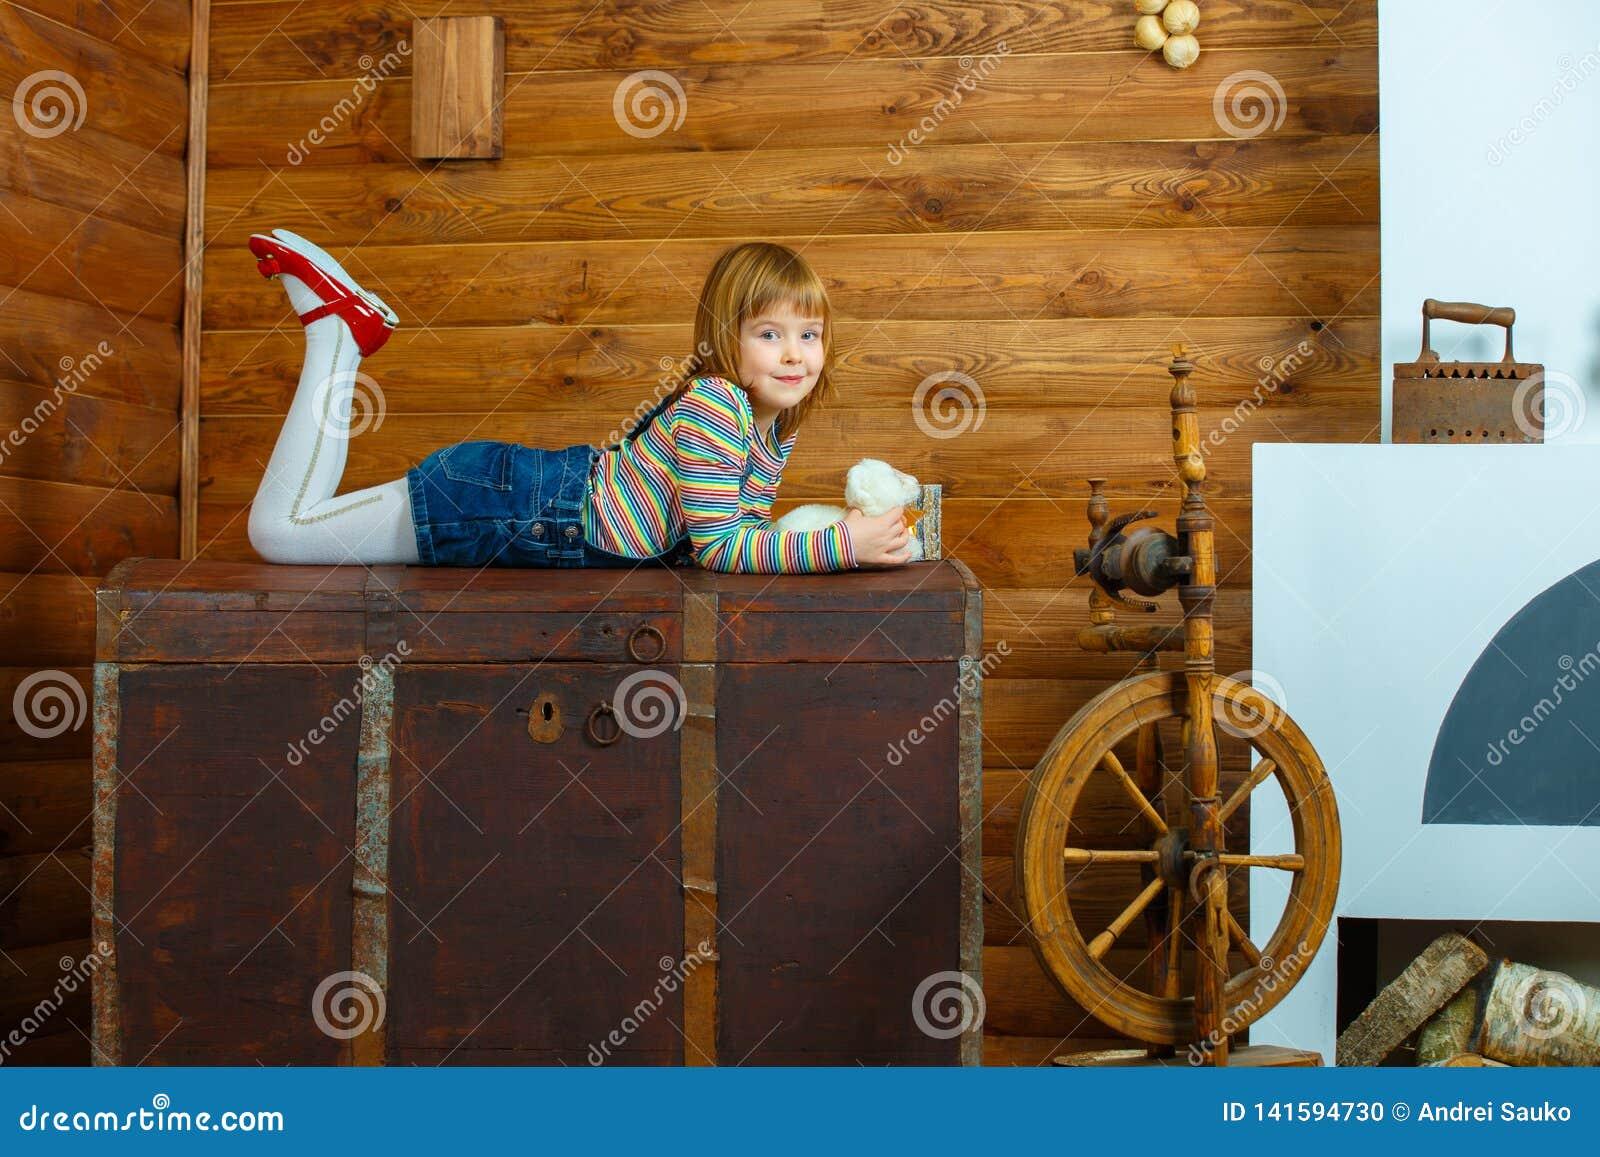 Girl Masha is lying on the old chest